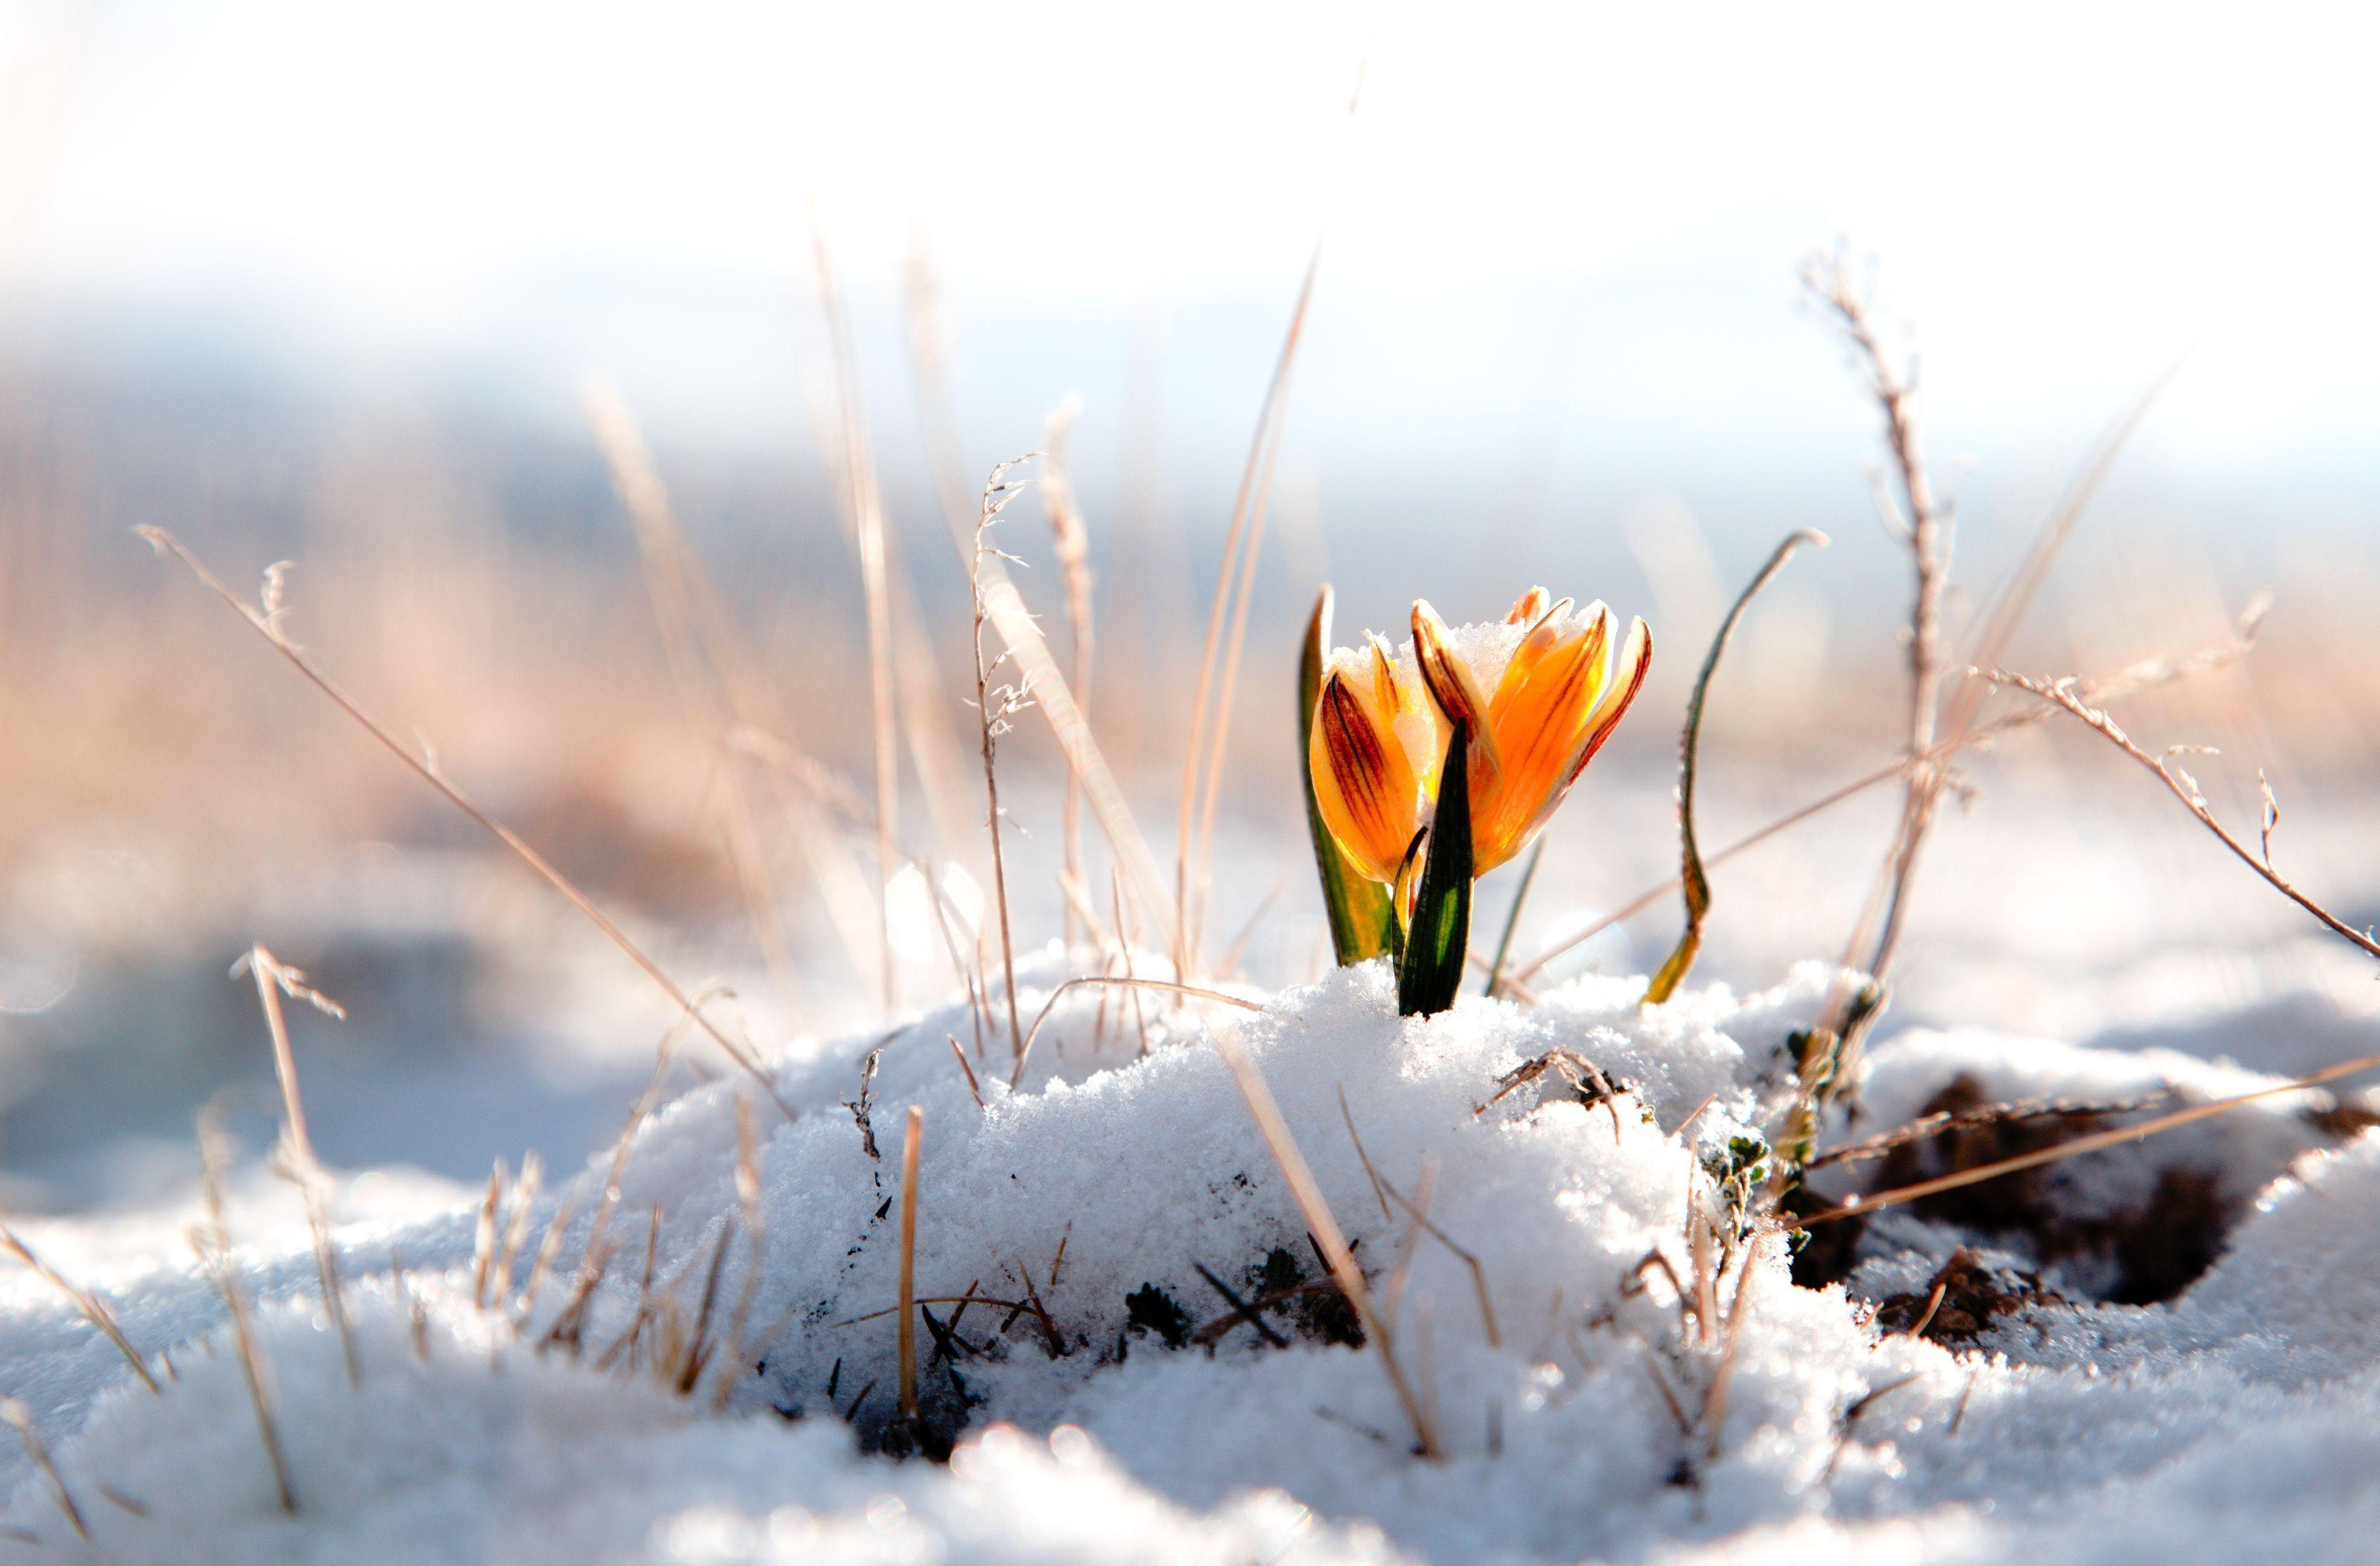 Winter snow flower wallpaper 3800x2500